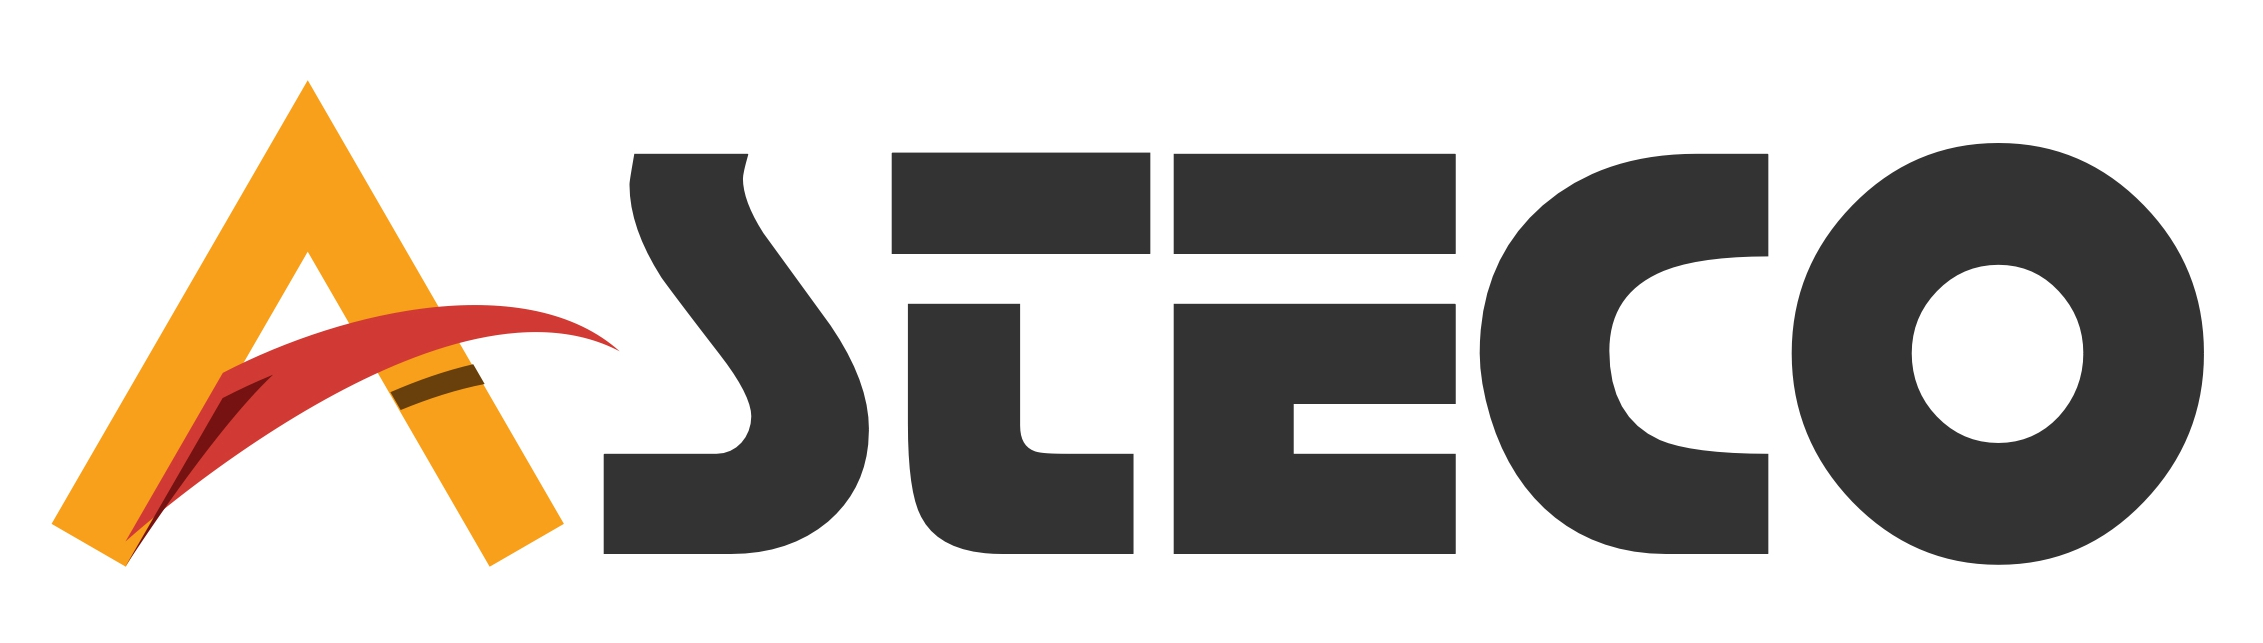 logo04 - Caligrama Comunicación